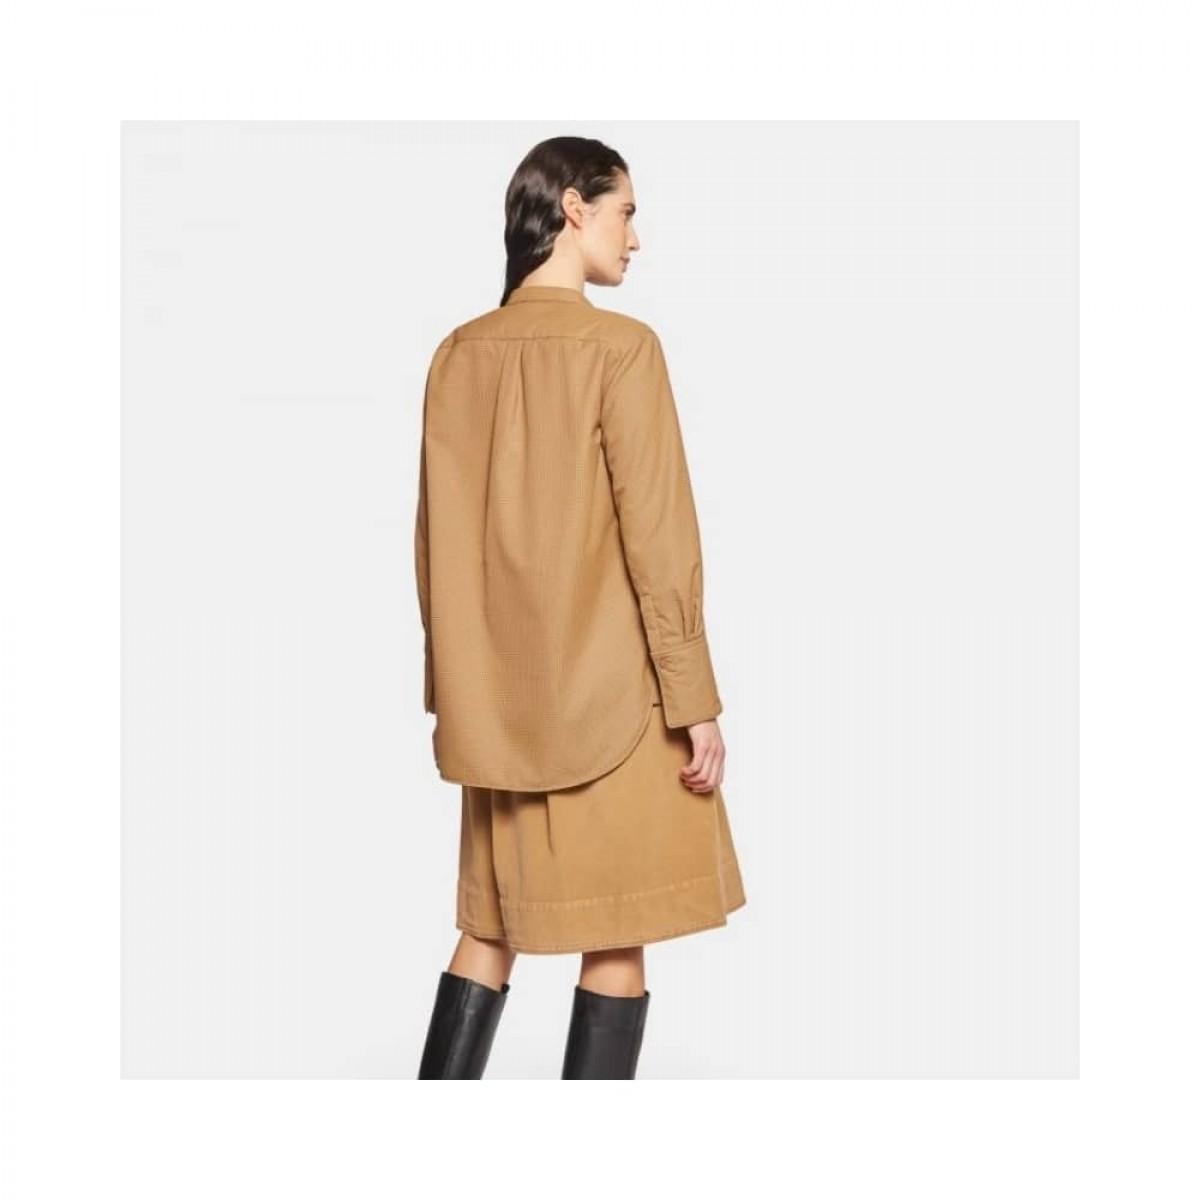 gonna moleskin nederdel - bronze - model bagtil